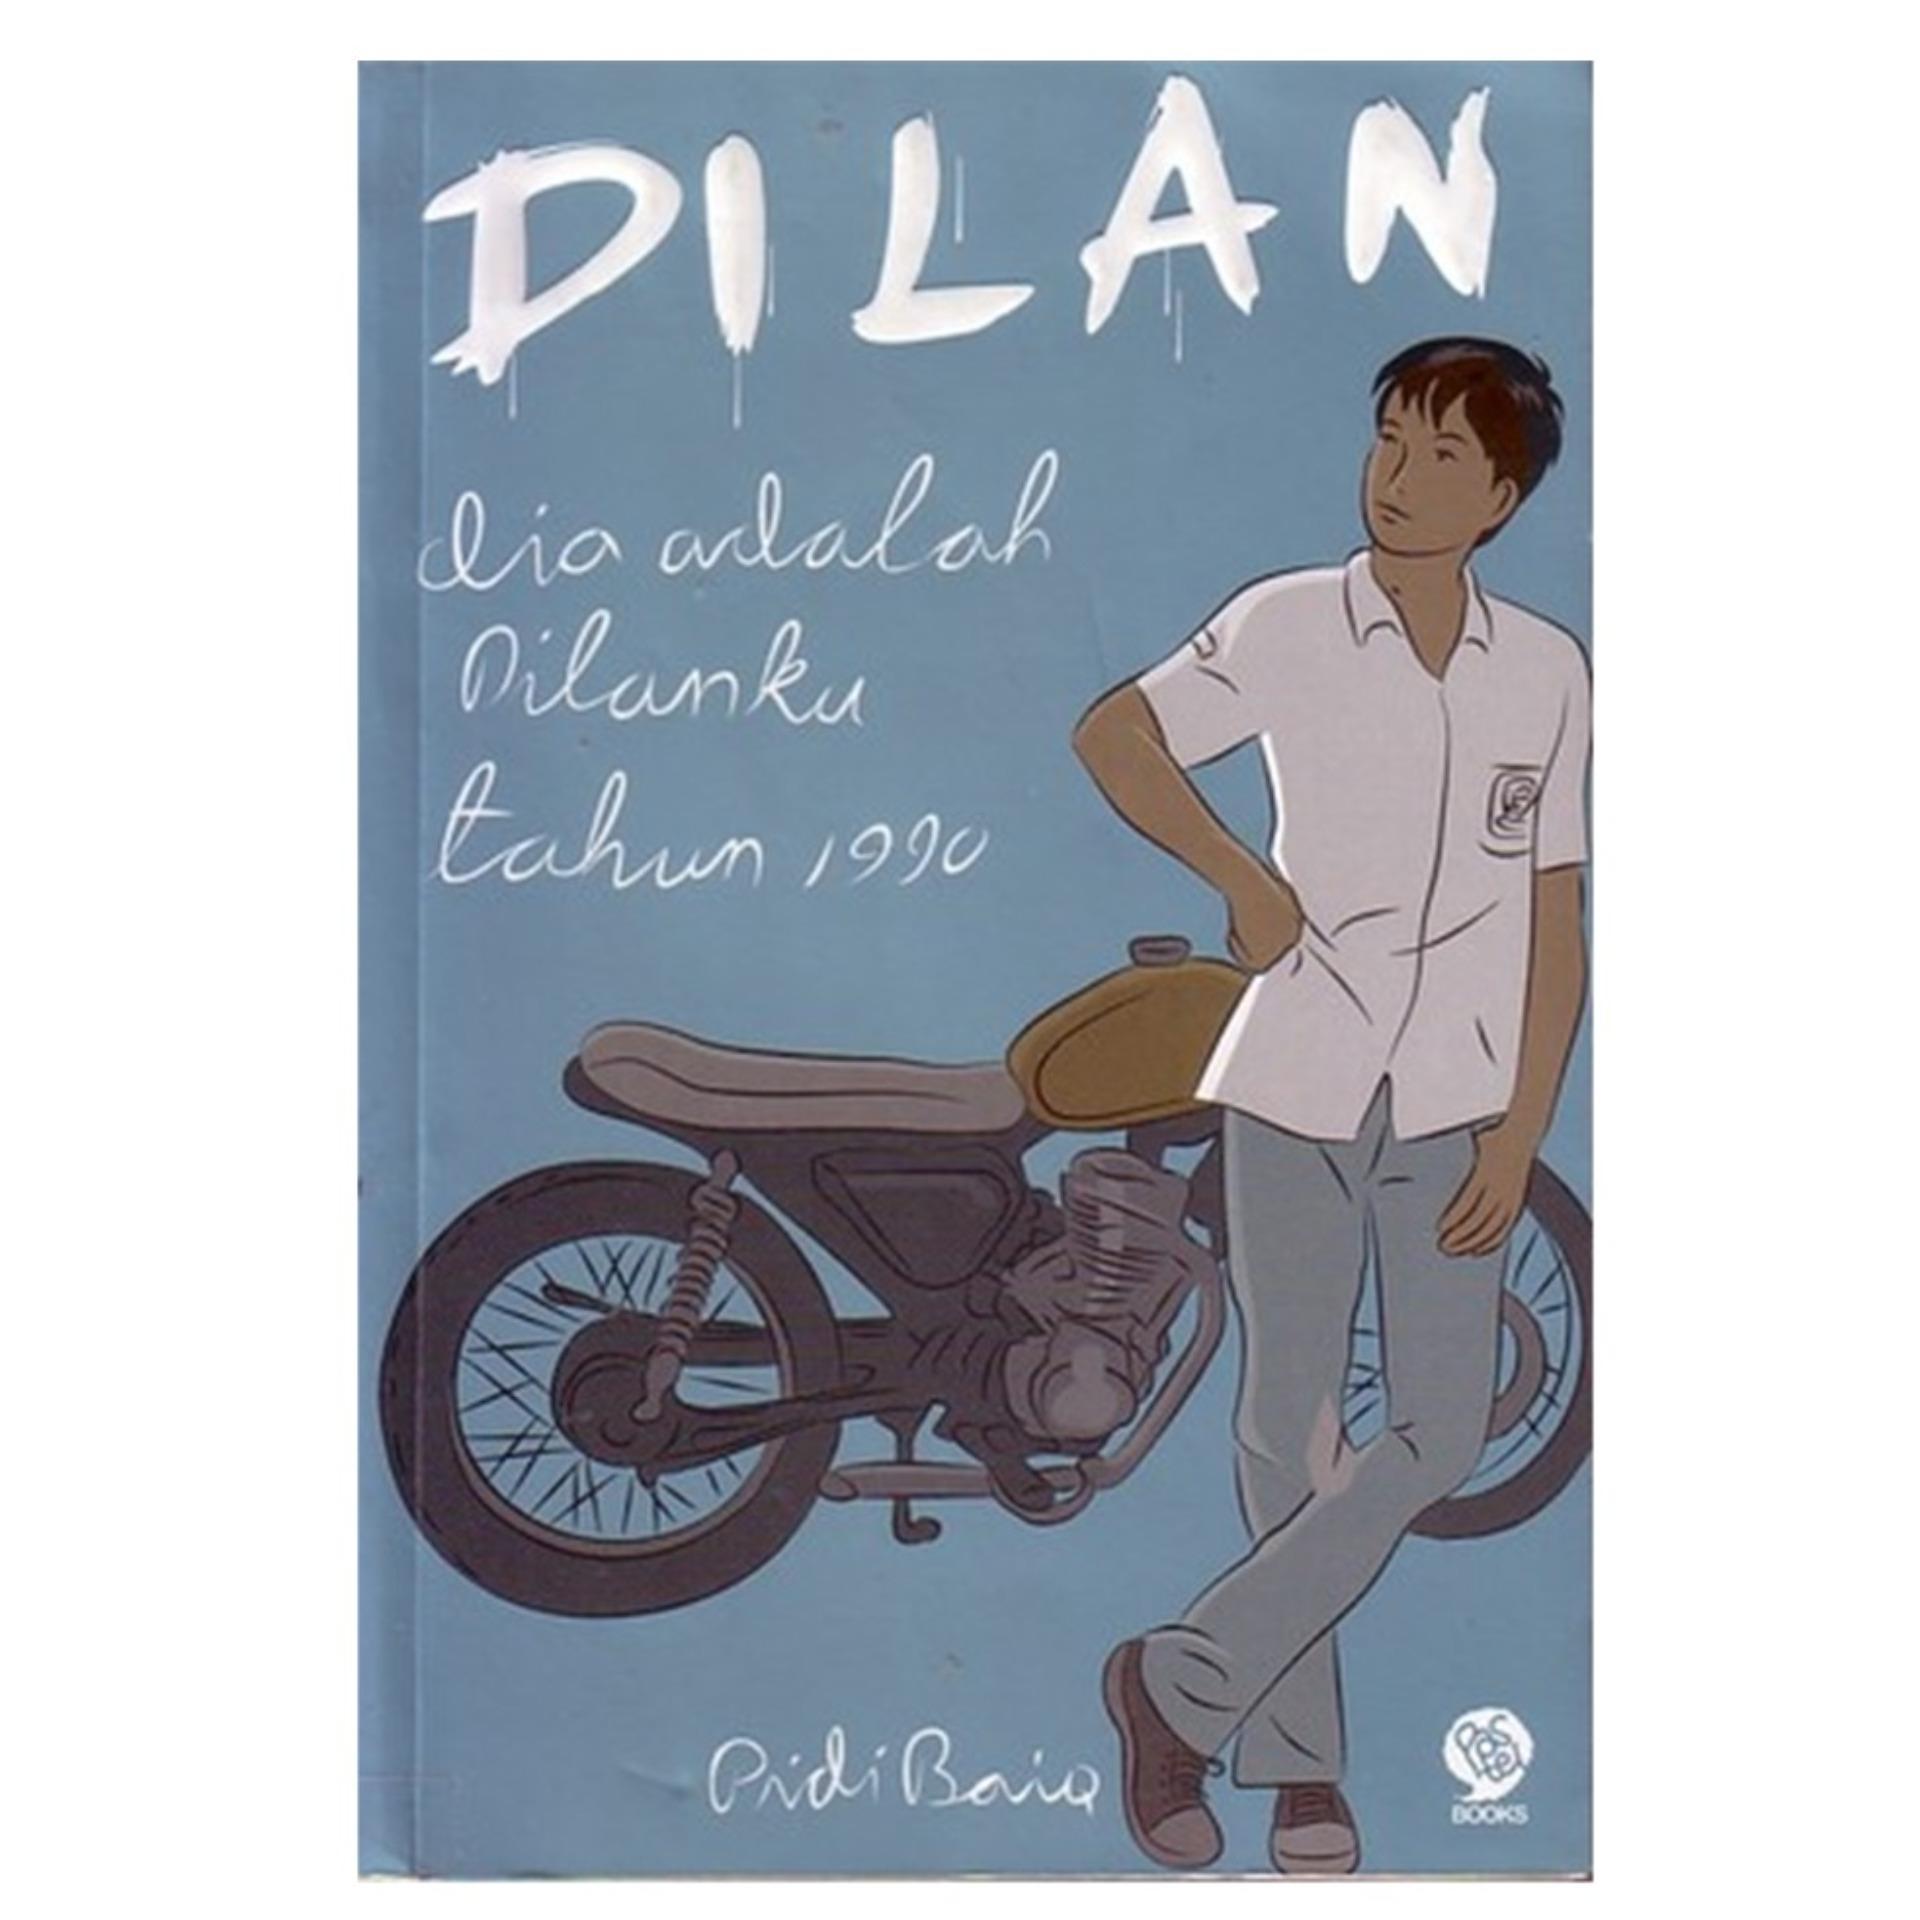 Novel DILAN DIA ADALAH DILANKU TAHUN 1990 (NEW) - PIDI BAIQ